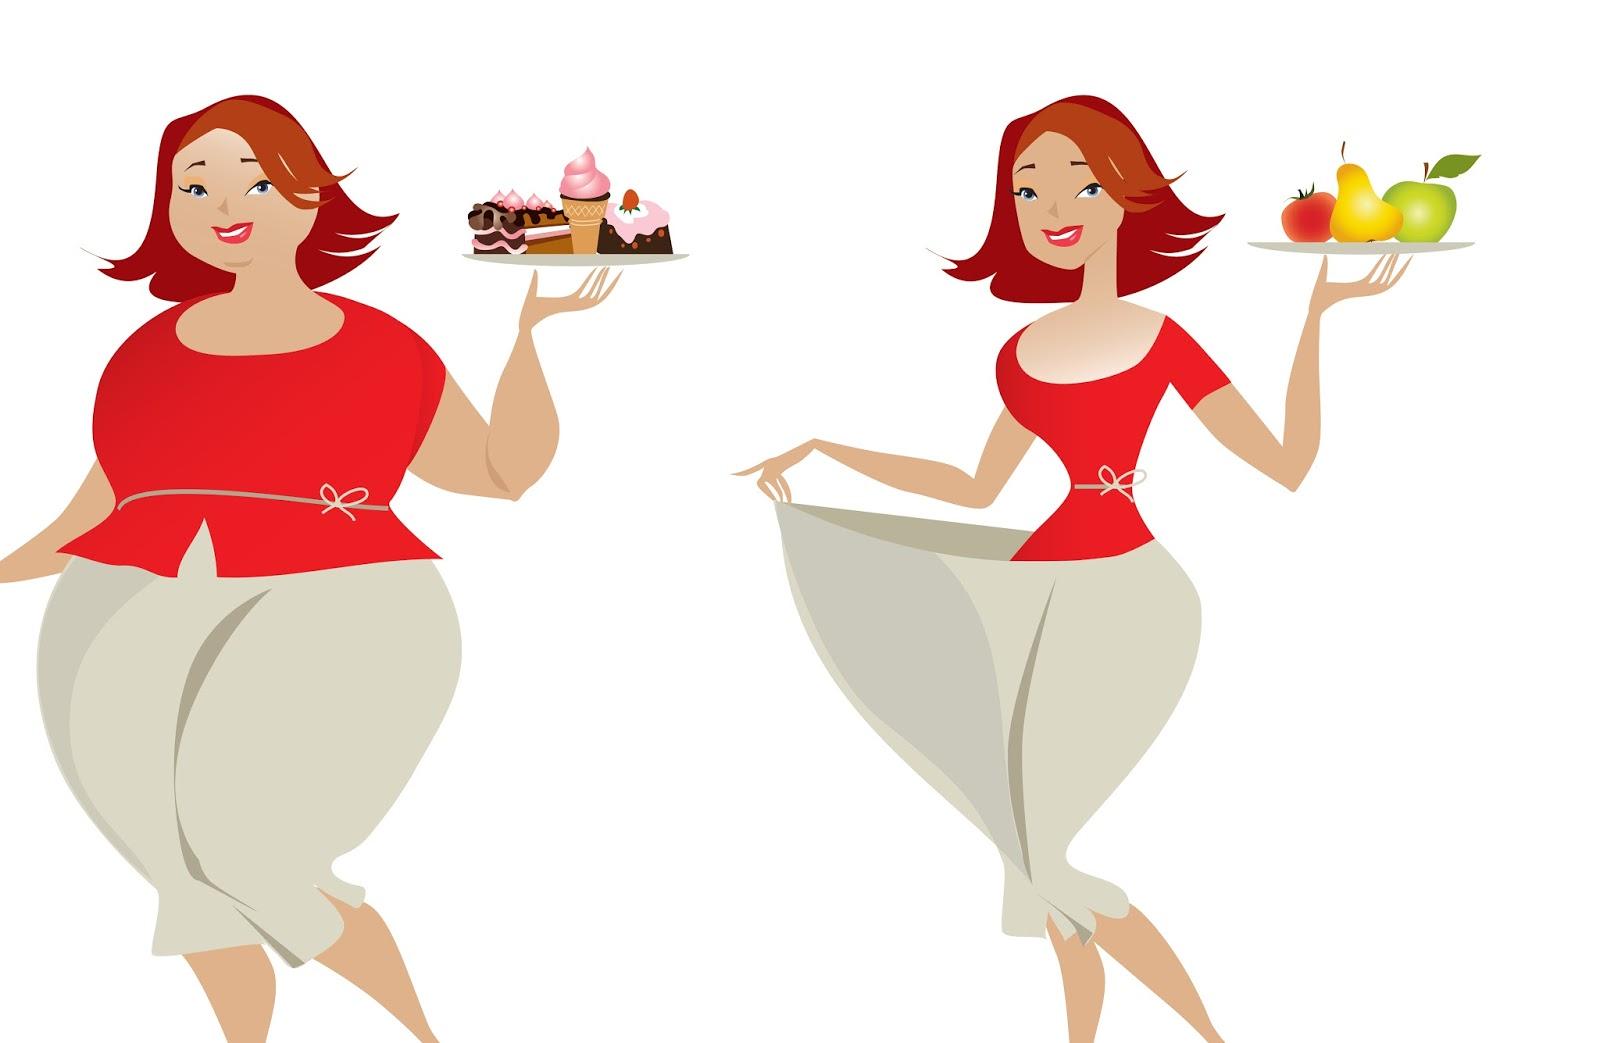 كيف اتخلص من الوزن الزائد بسرعة